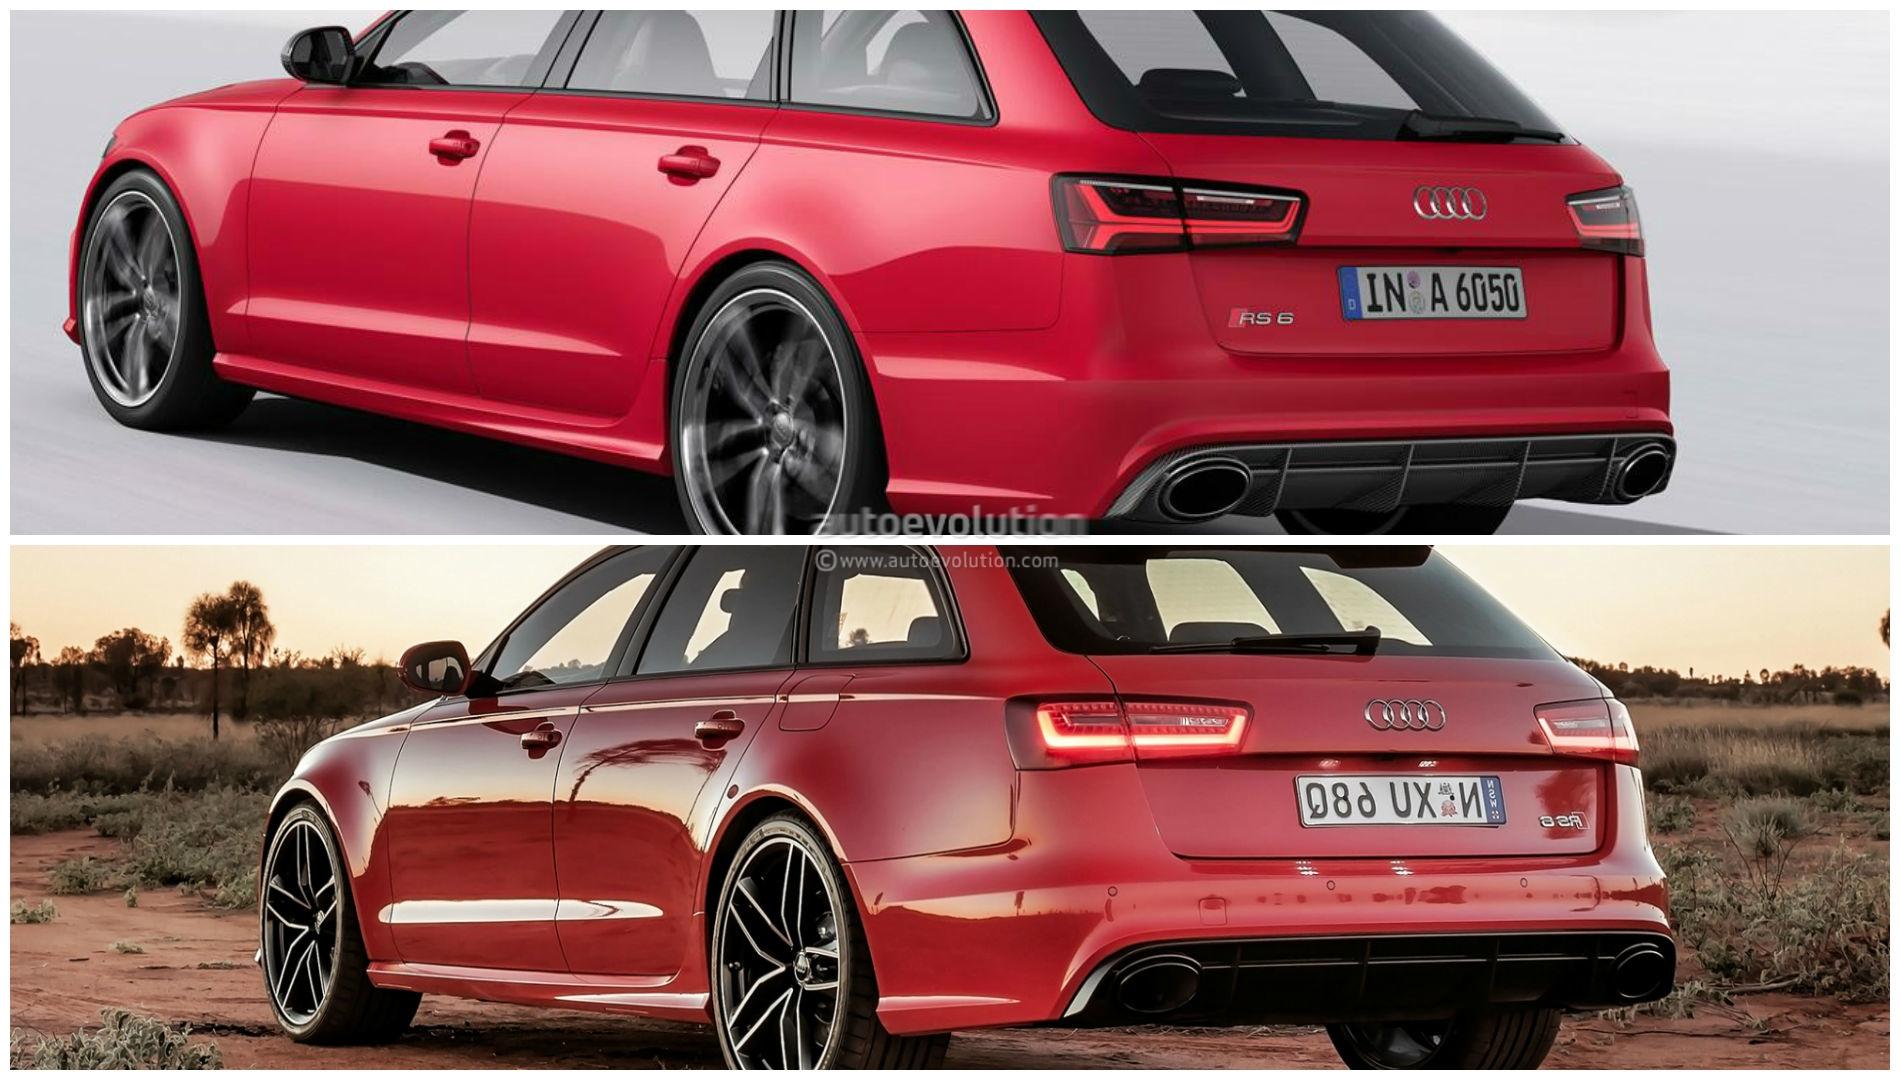 2015 Audi Rs6 Avant Facelift Photo Comparison Subtle Cosmetic Changes Autoevolution